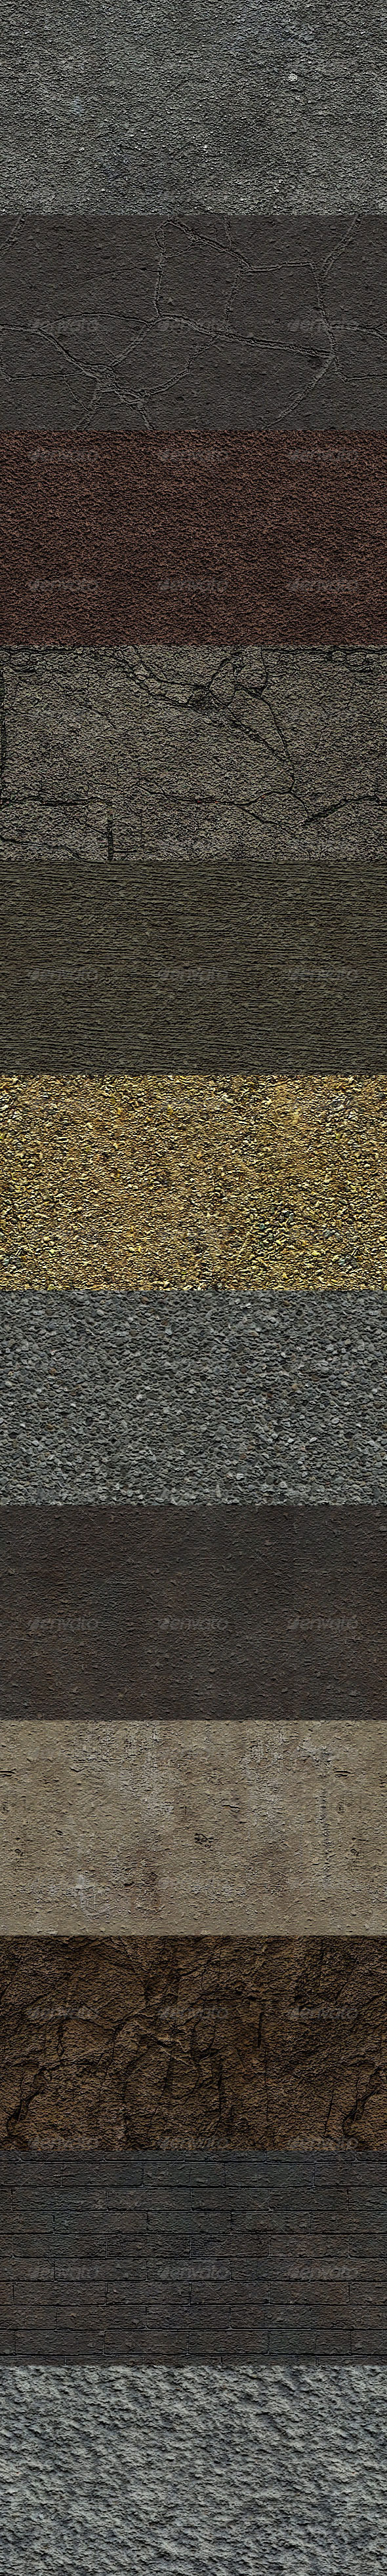 Natural Texures - Textures